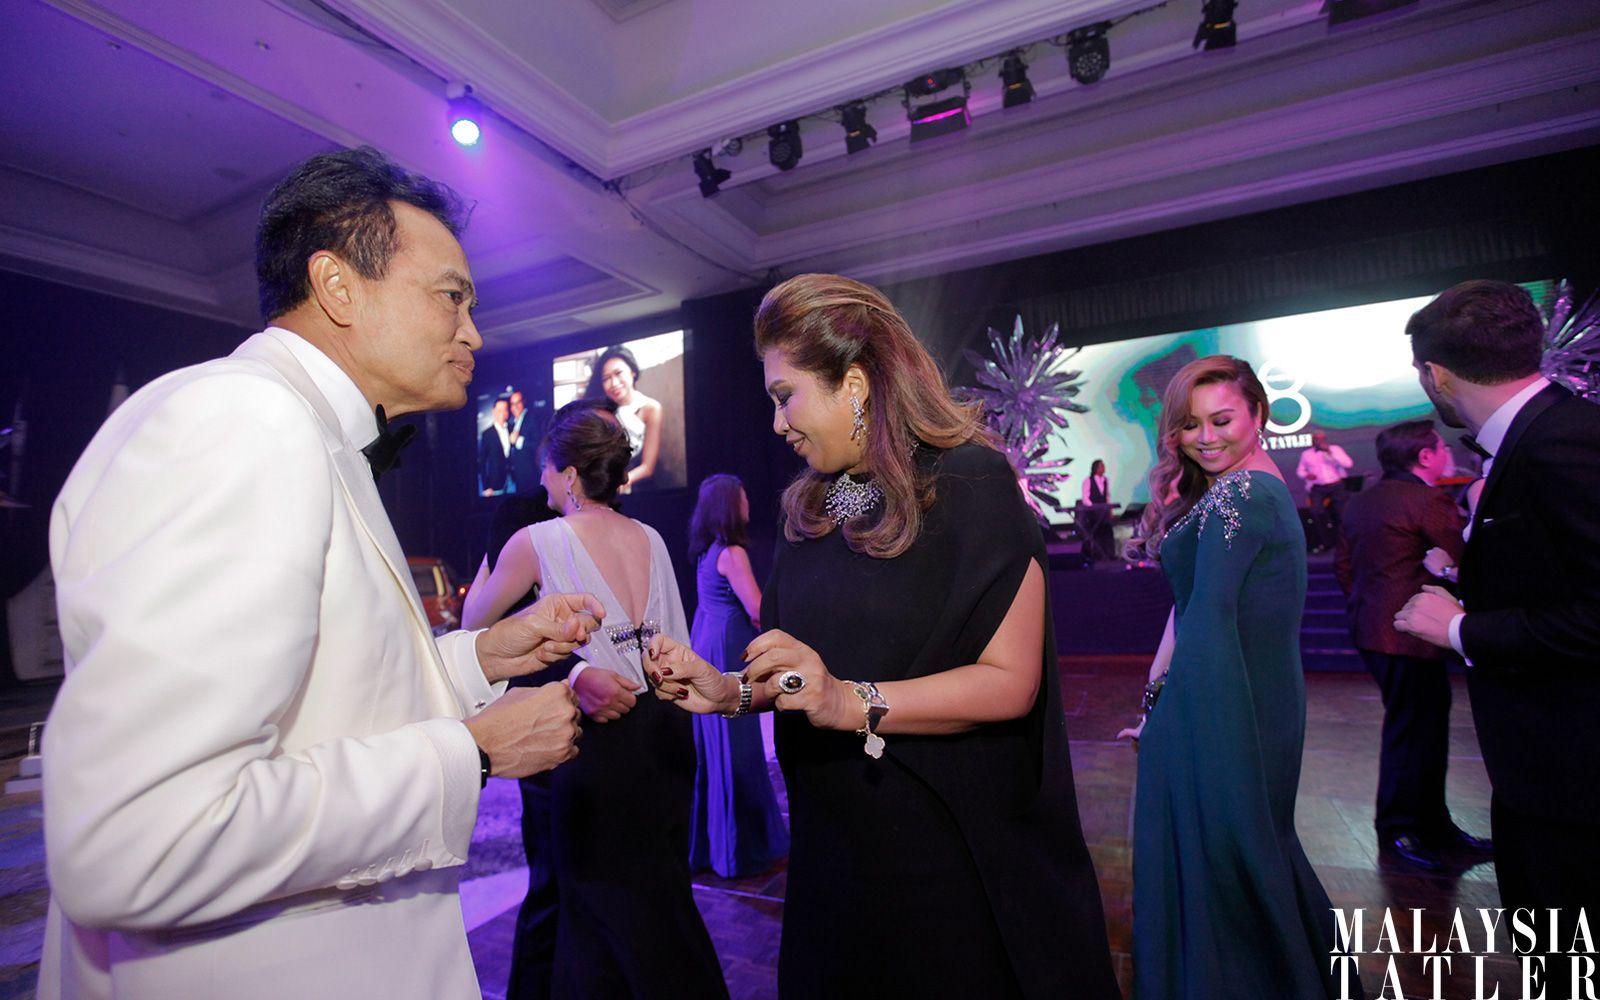 Dato' Sufian Majid and Datin Alissa Fitri